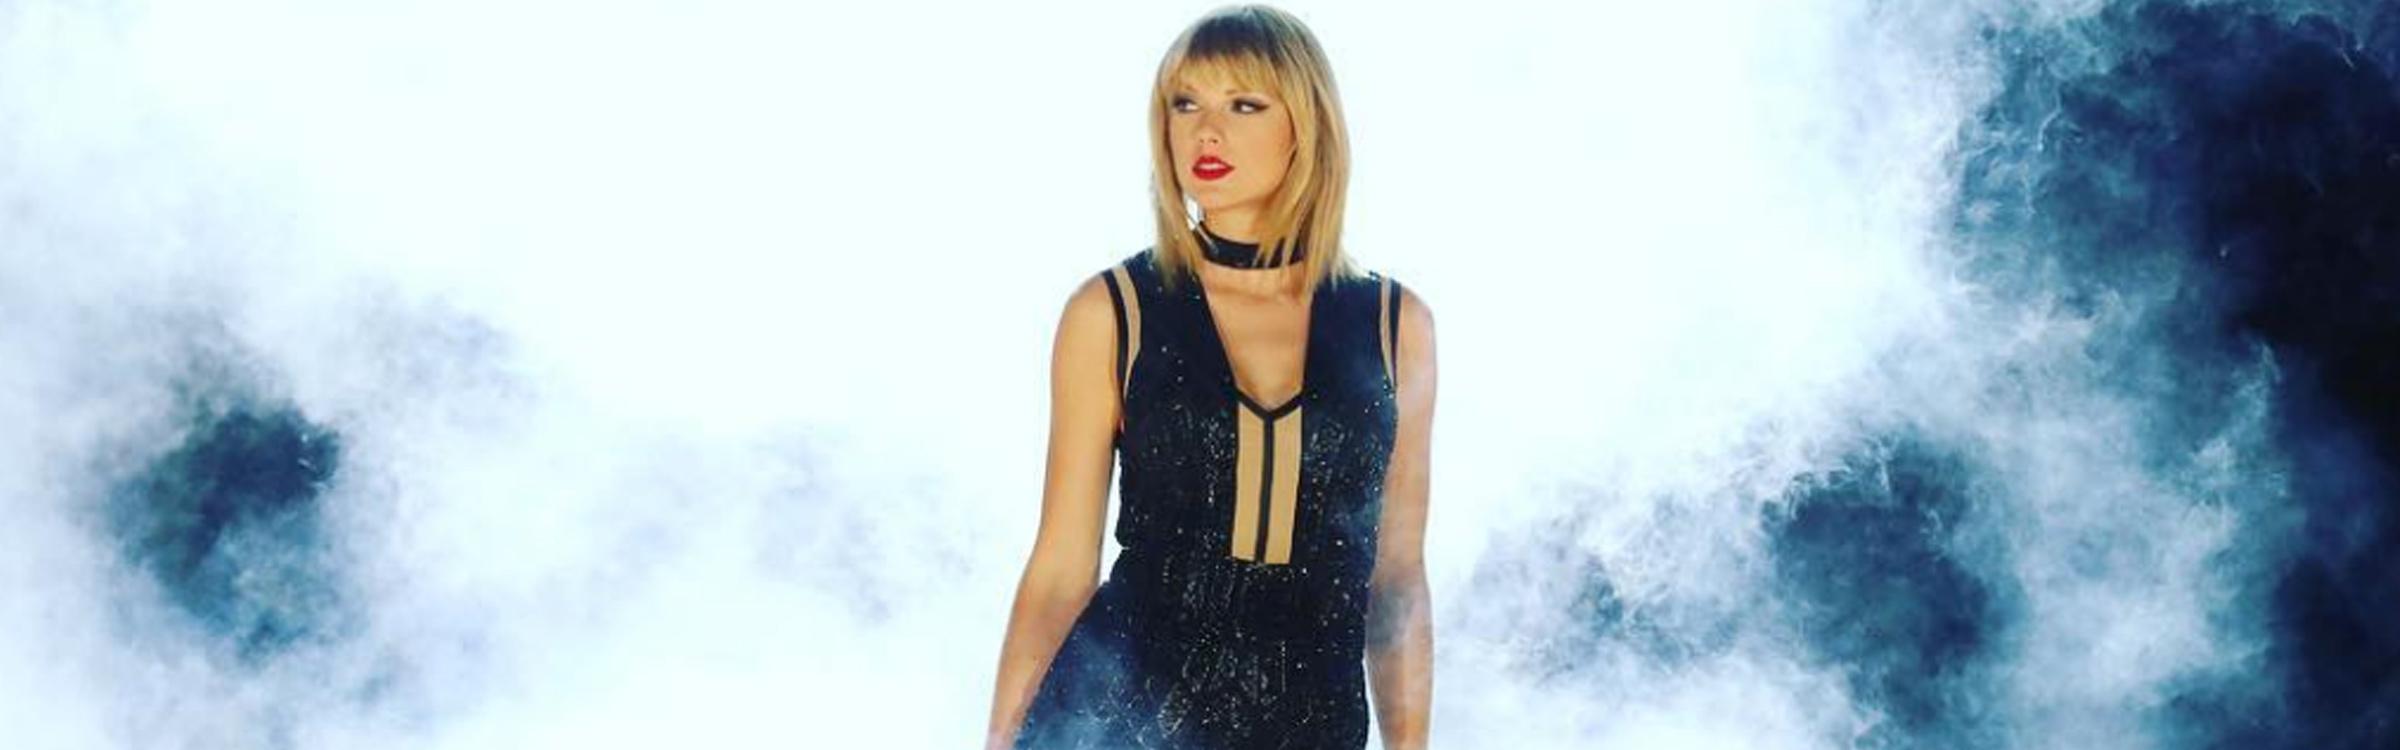 Taylor f  header